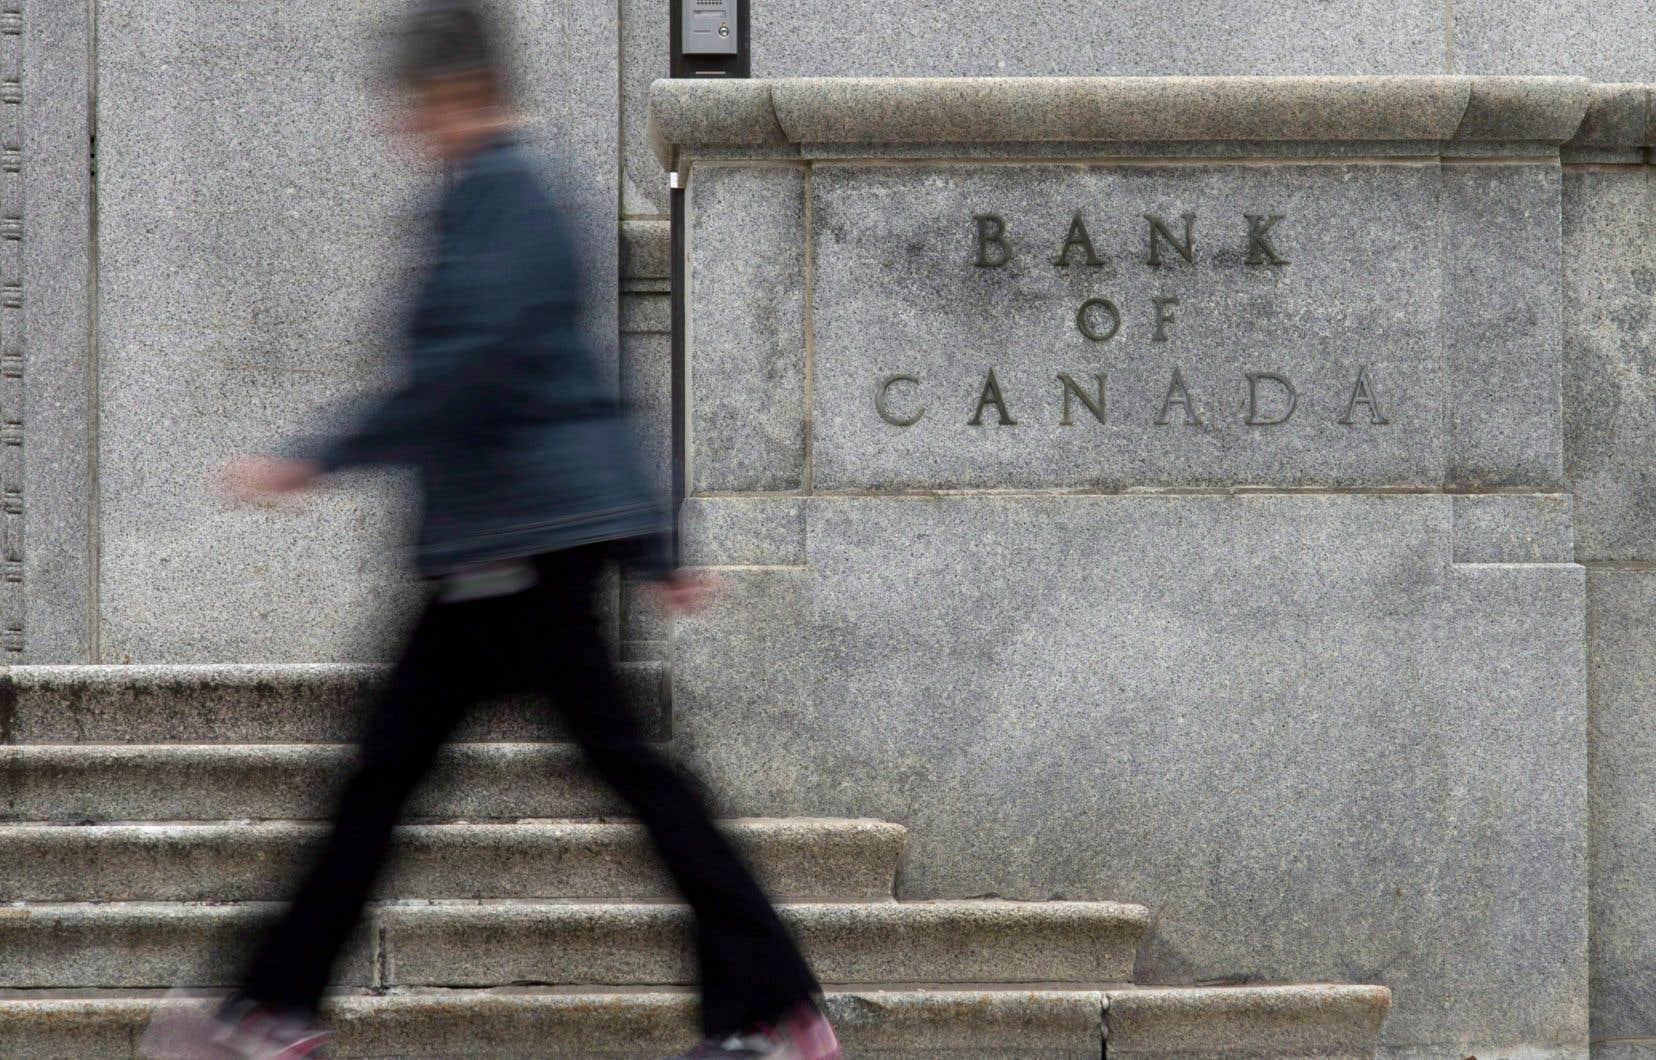 La banque centrale affirme vouloir éviter toute incidence possible—ou toute apparence d'incidence—sur le débat politique.